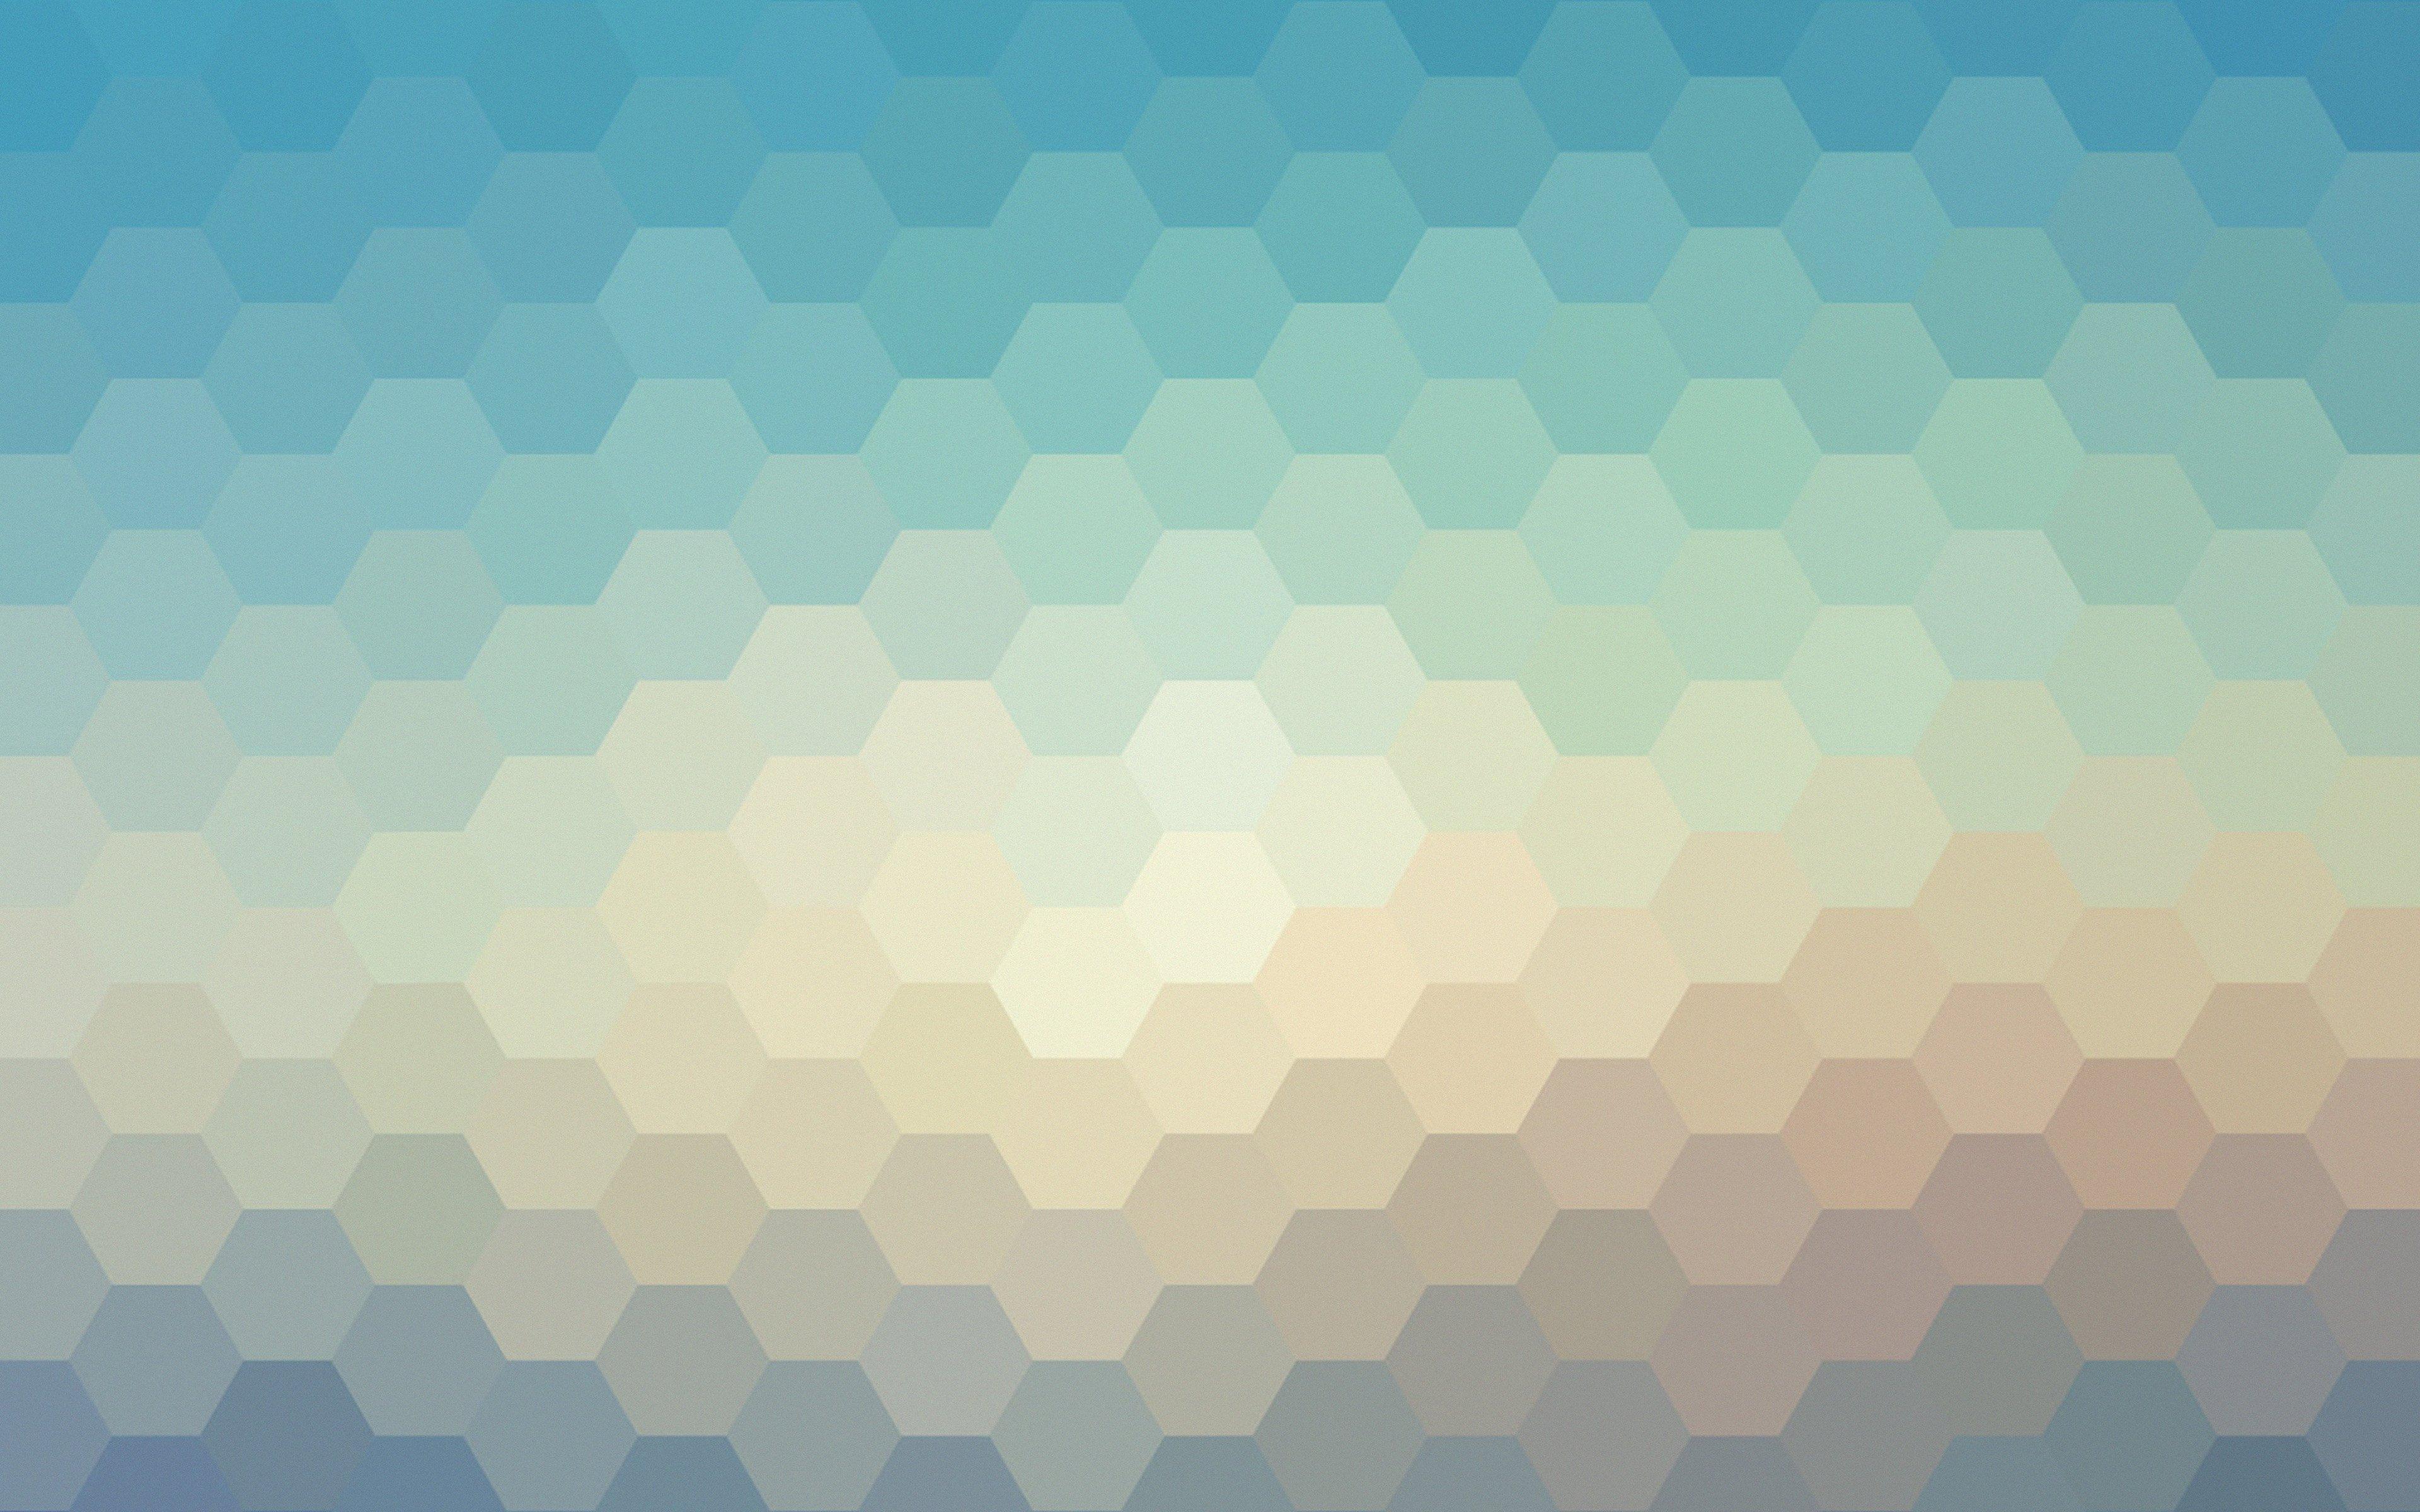 Fondos de pantalla Hexágonos colores pastel